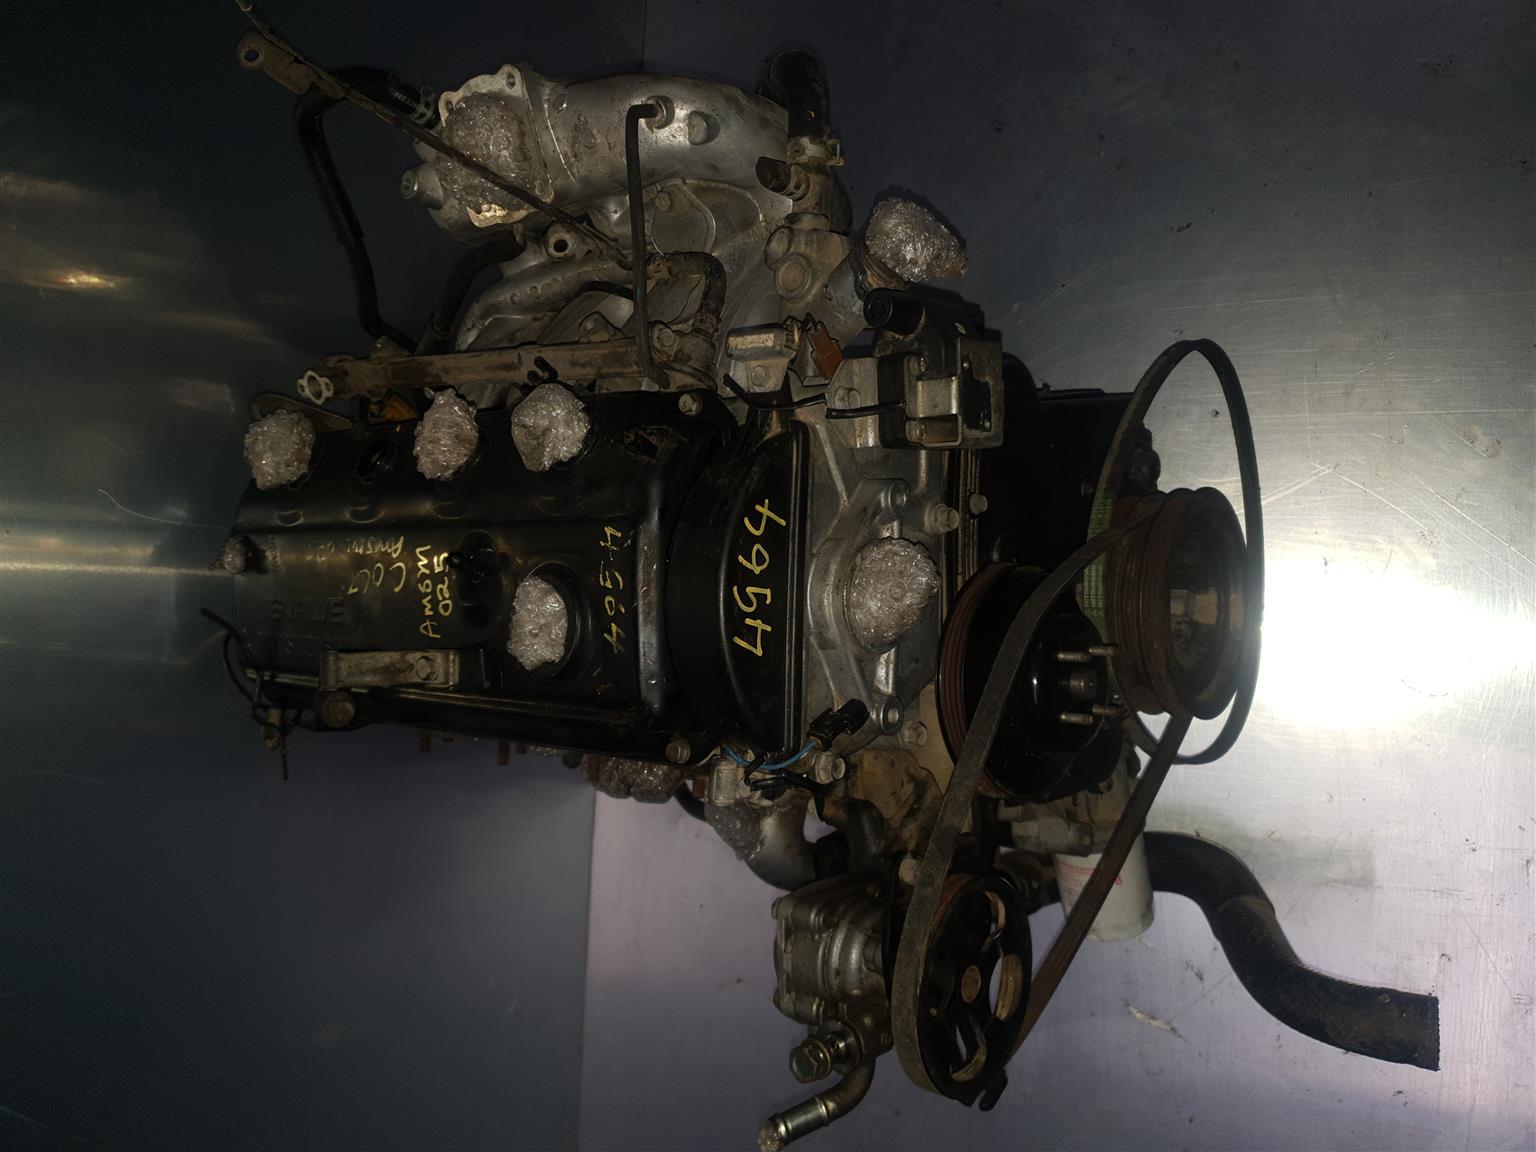 MITSUBISHI 6G64 ENGINE FOR SALE